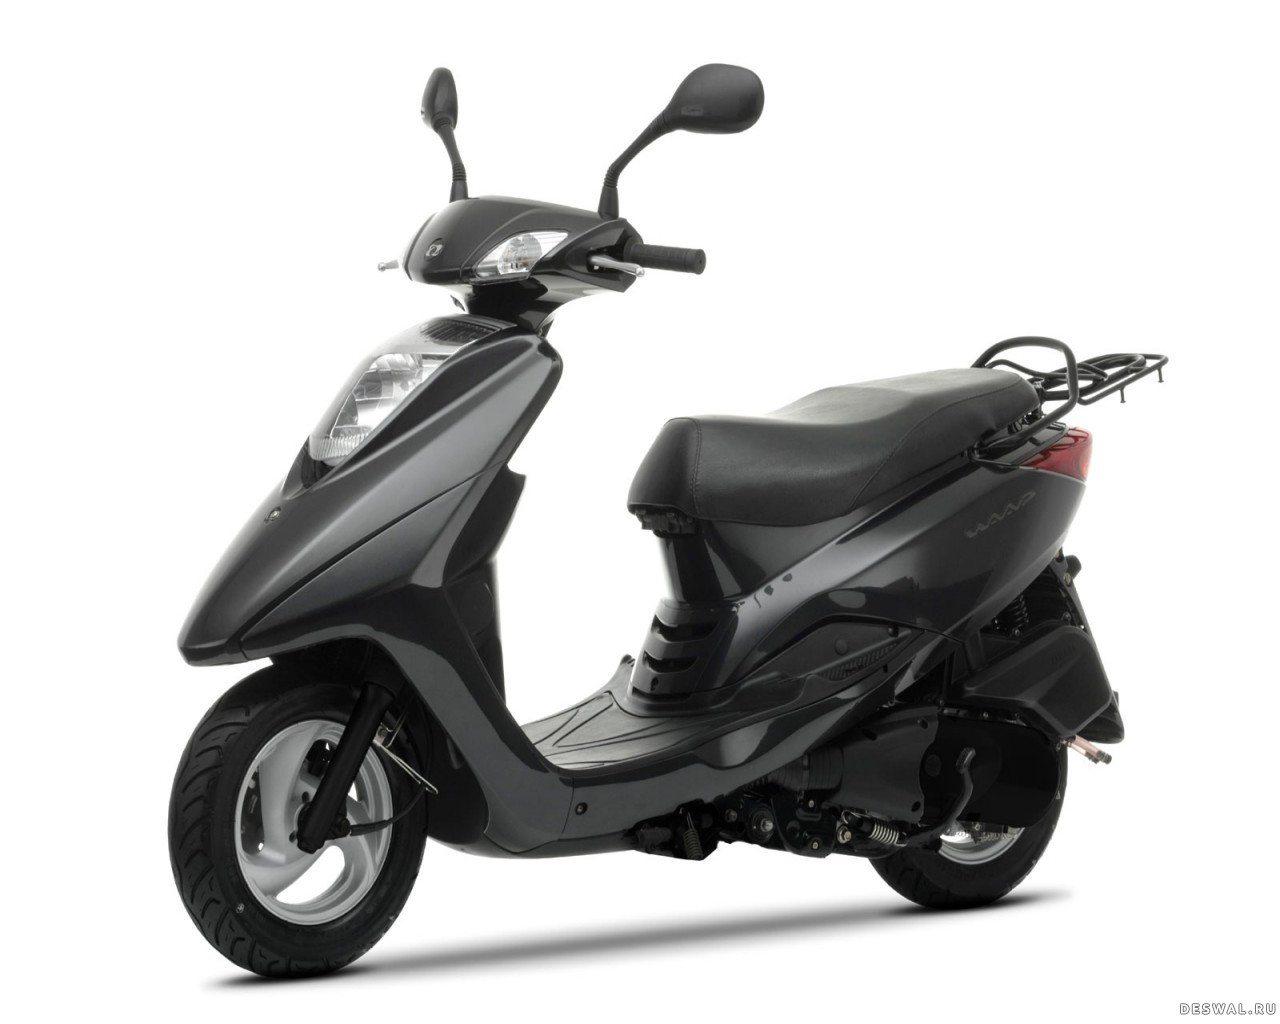 Мото МБК на халявной картинке. Нажмите на картинку с обоями мотоцикла mbk, чтобы просмотреть ее в реальном размере